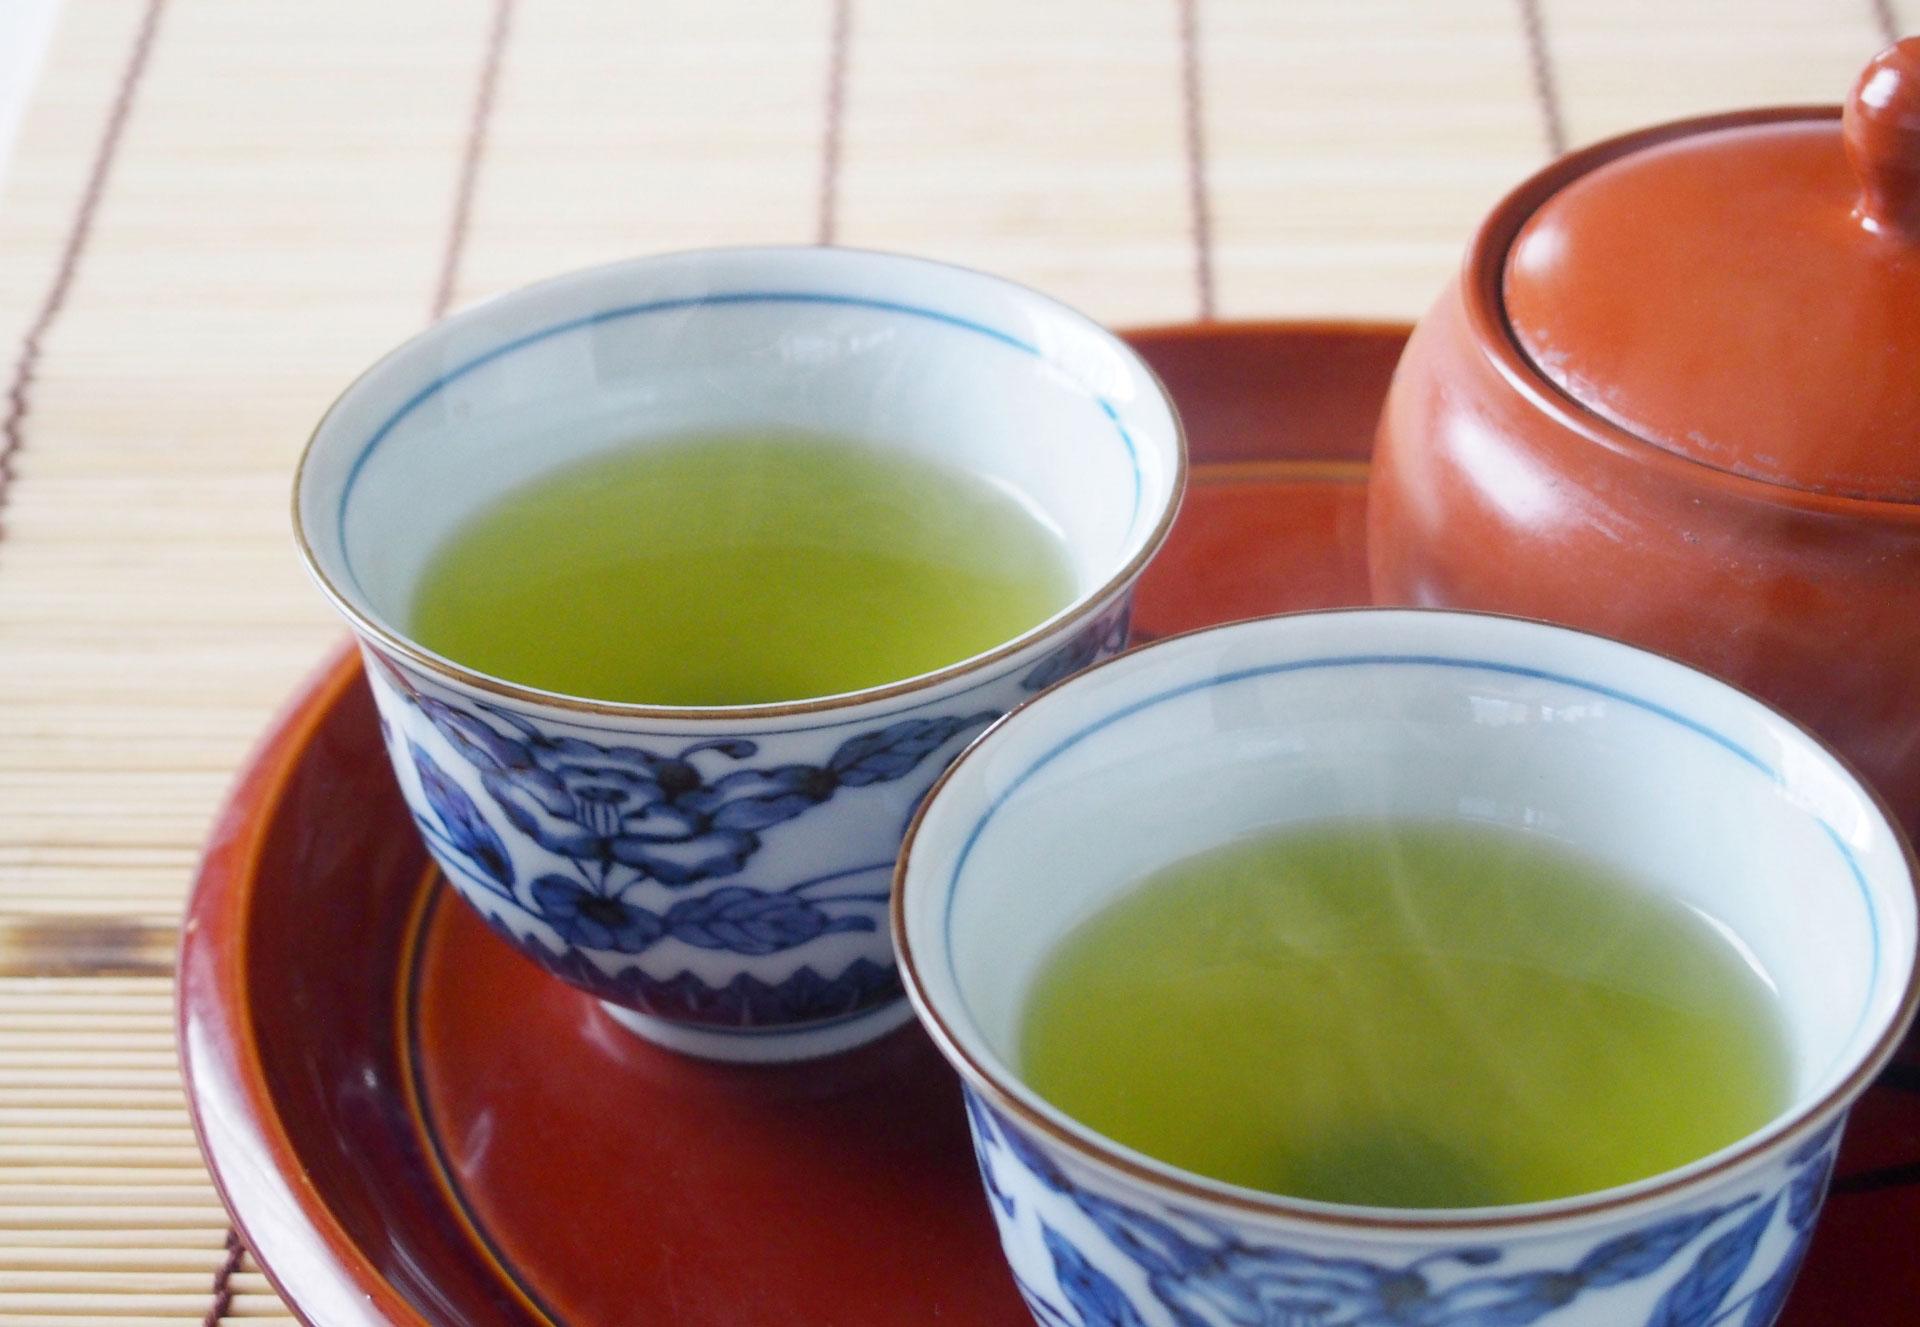 苦しい便秘から卒業したい!便秘を解消する9種類のお茶の秘密を徹底解説。玄米茶